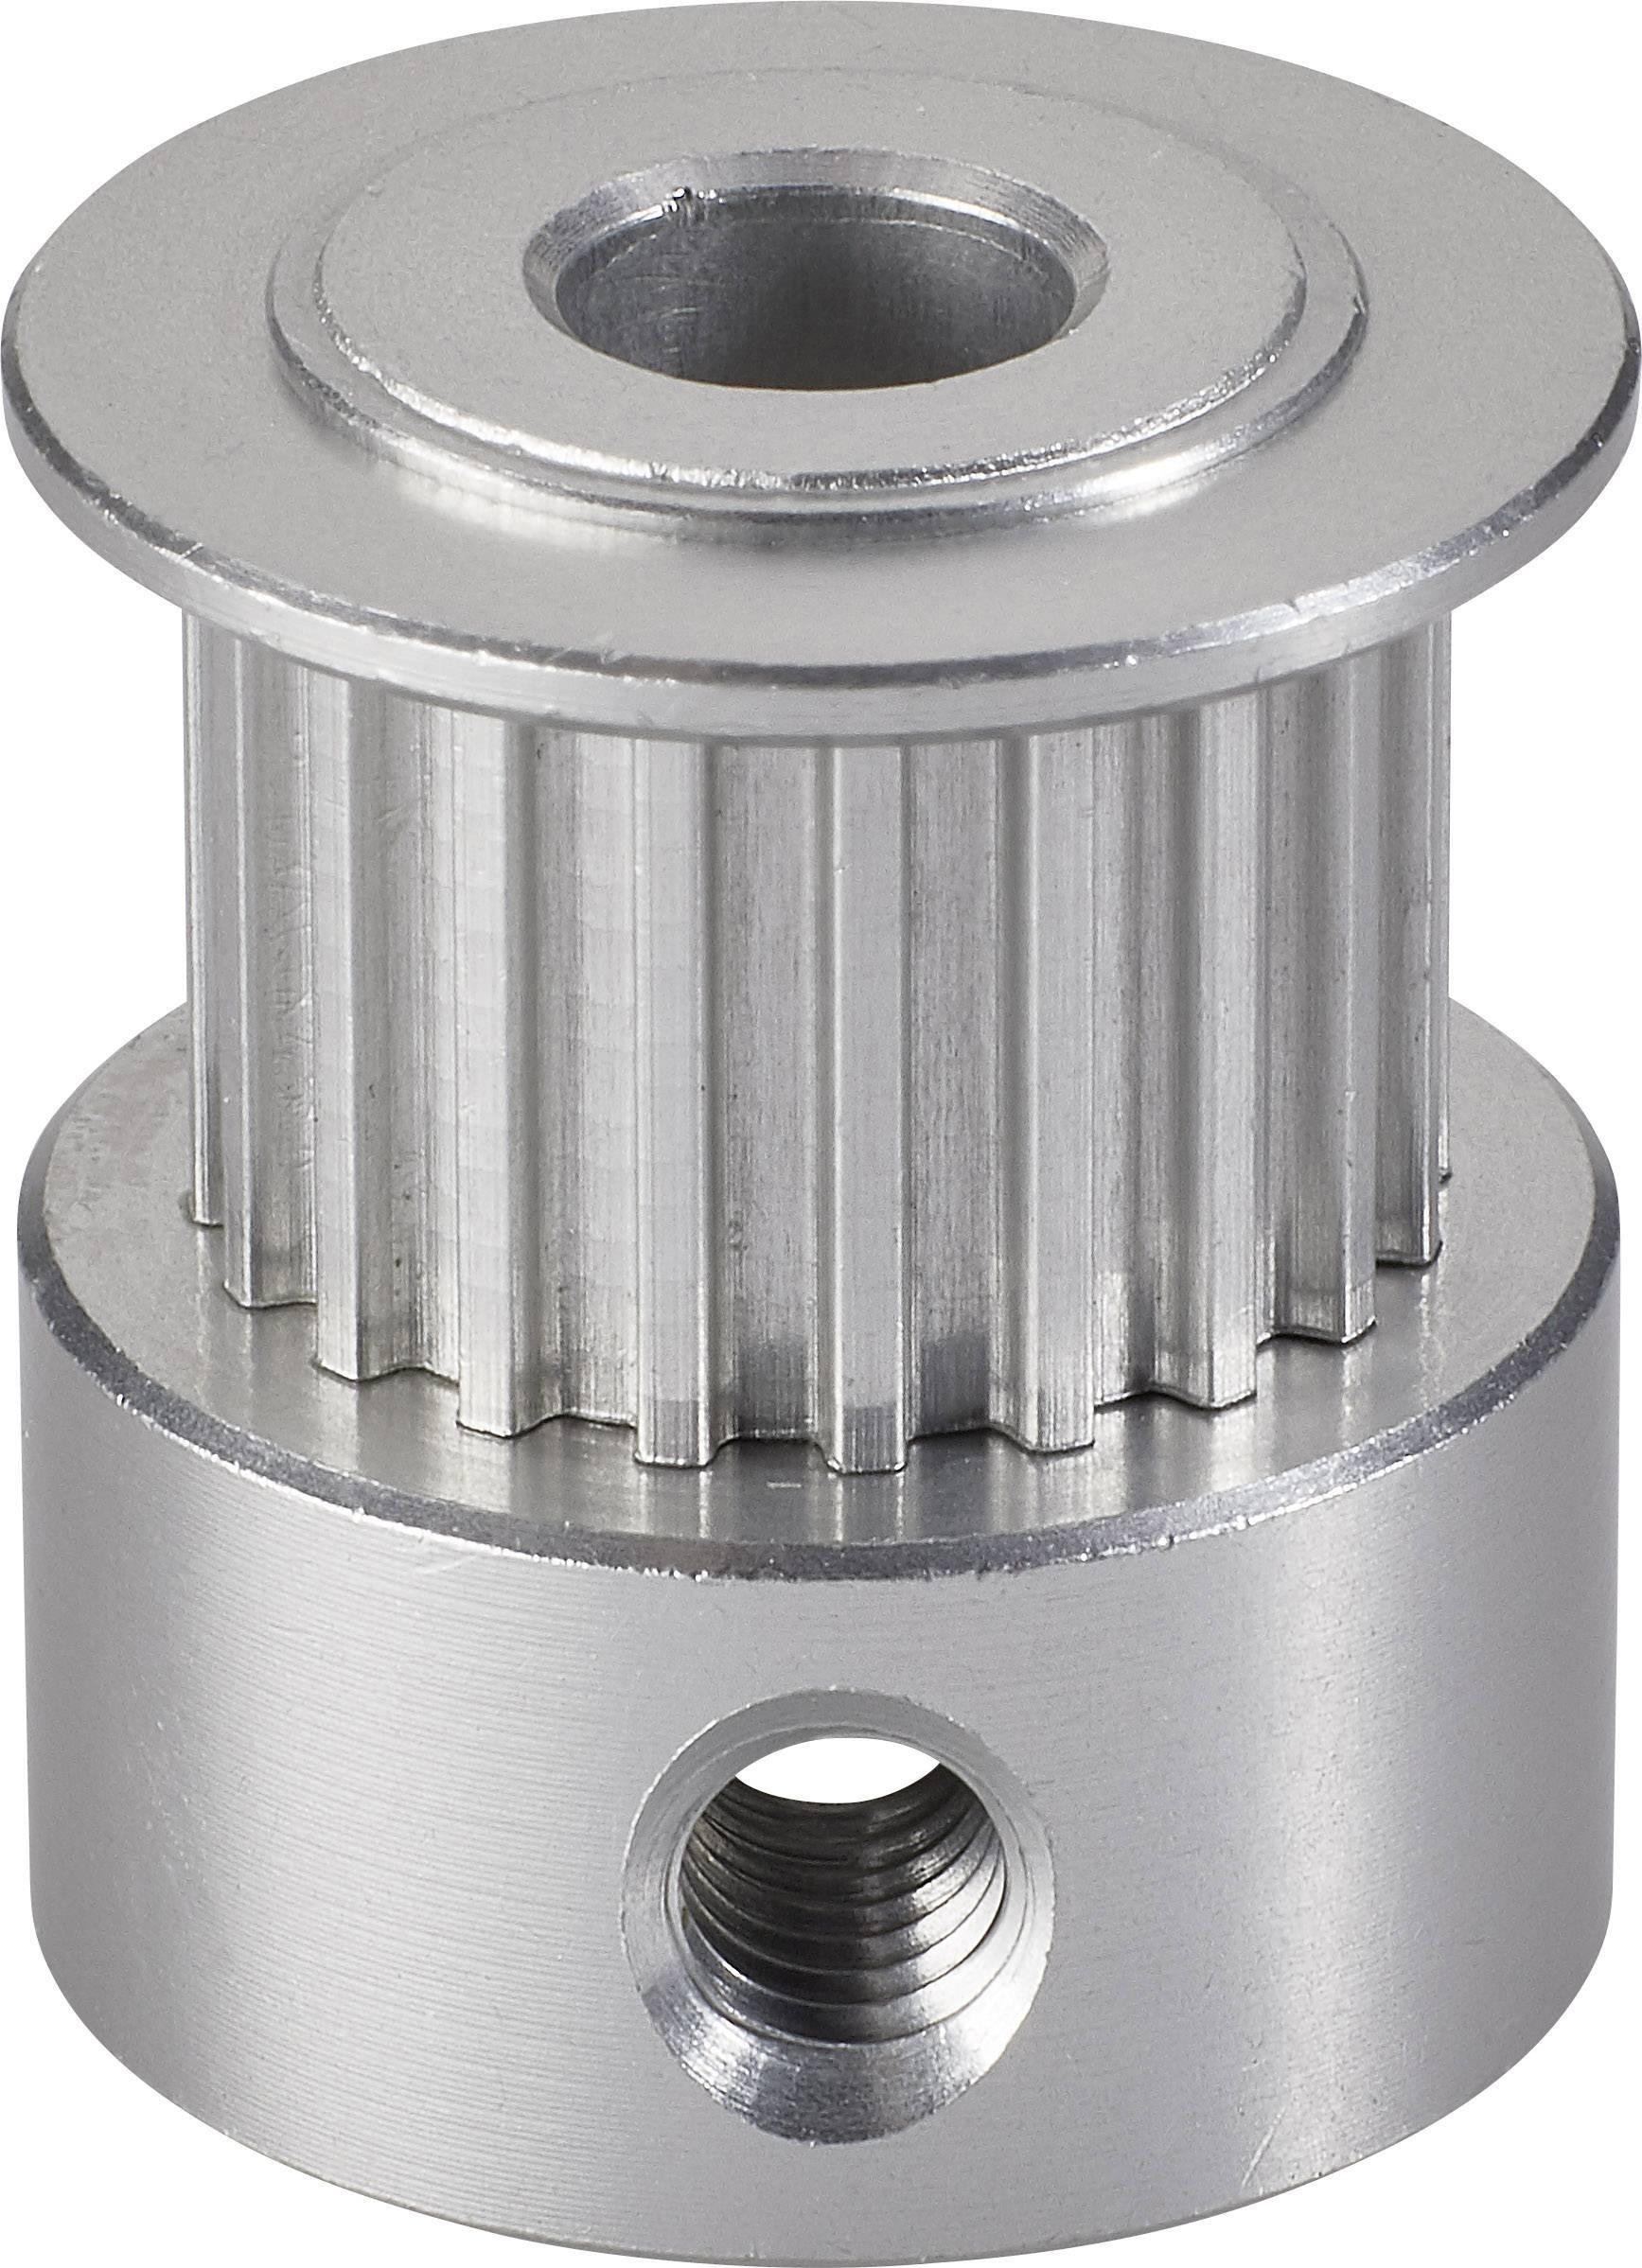 Náhradní ozubené kolečko Renkforce Vhodné pro 3D tiskárnu renkforce RF100, renkforce RF100 v2, zdokonalená verze, renkforce RF100 XL